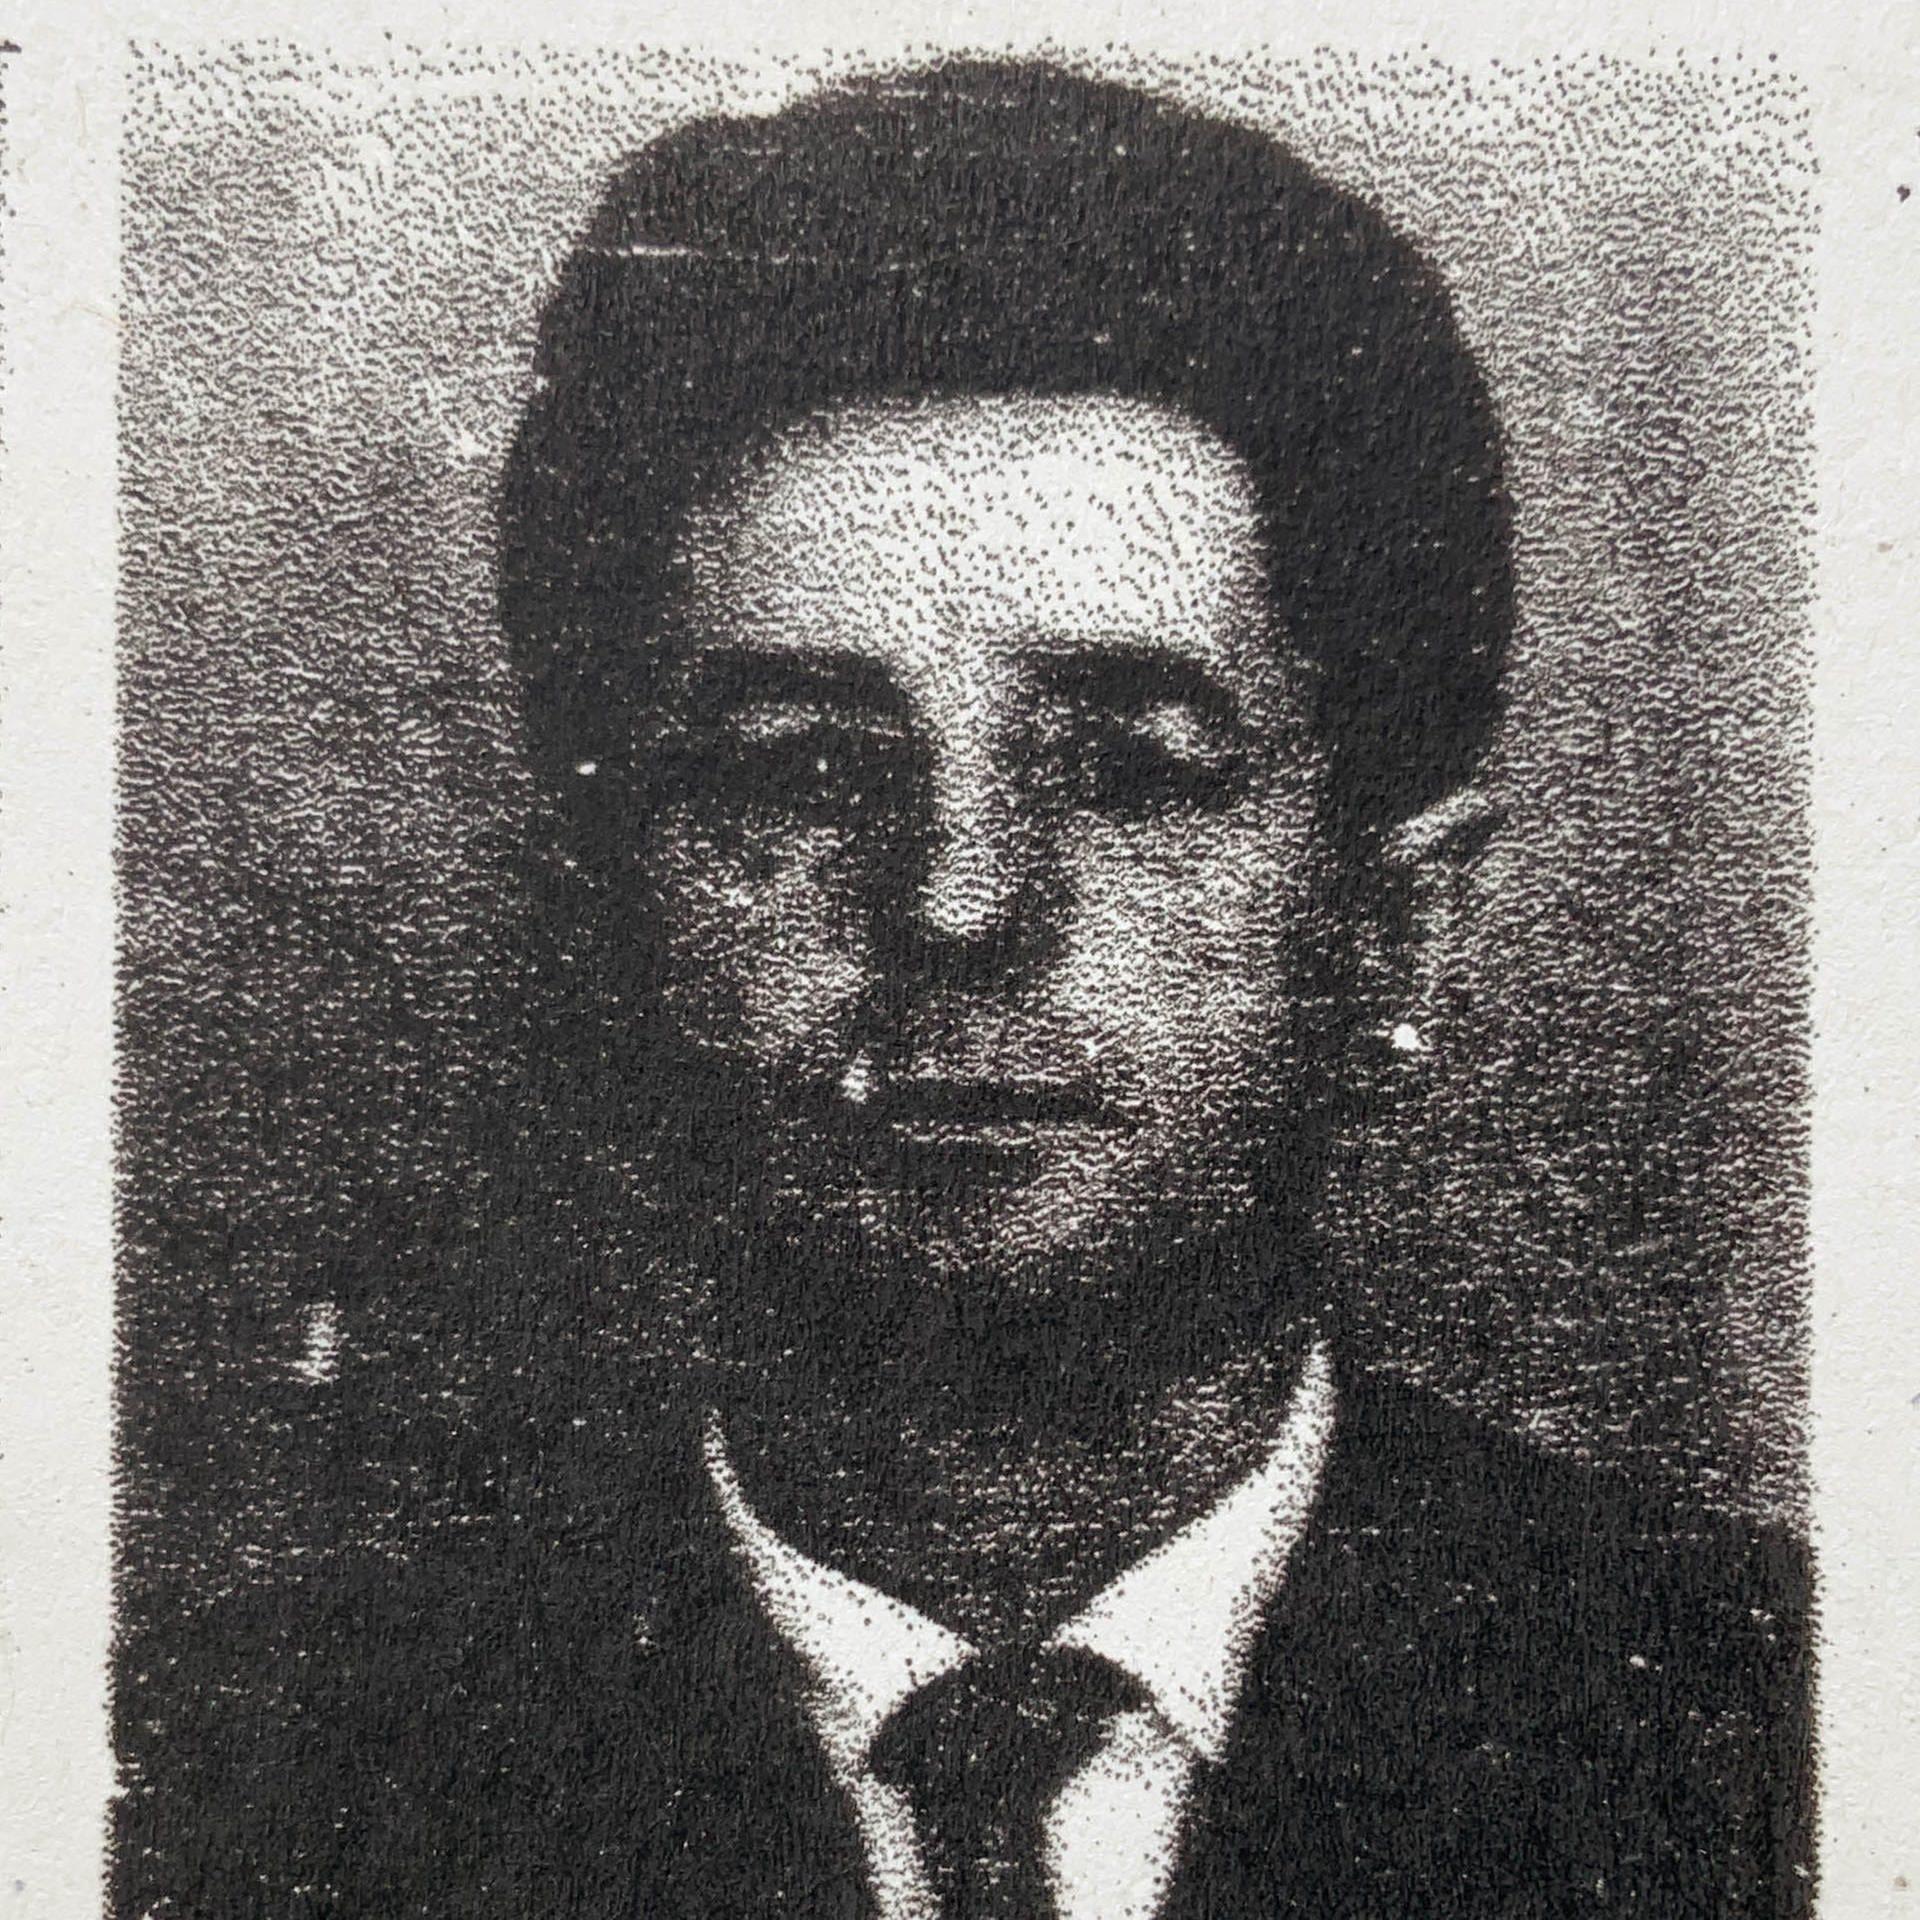 Todesurteil wegen Brandstiftung – DDR-Strafprozess gegen Walter Praedel 1961 | Archivradio-Gespräch